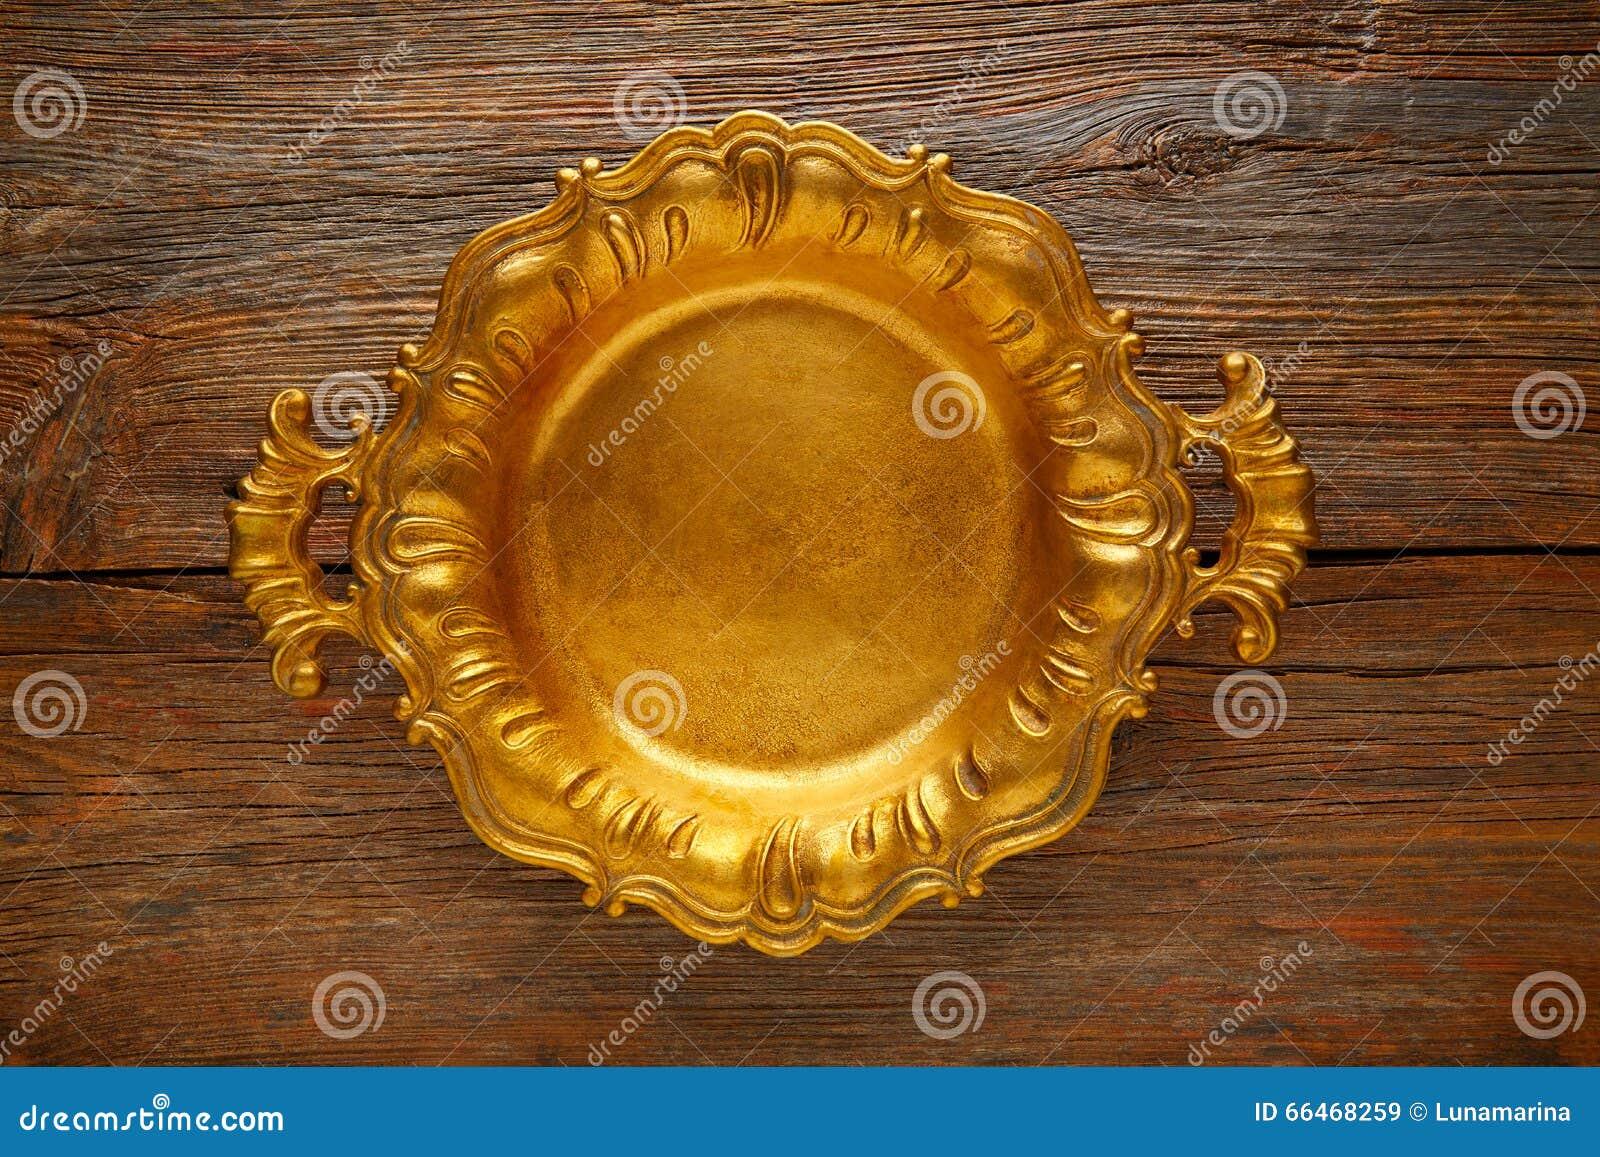 Εκλεκτής ποιότητας χρυσός κύκλος δίσκων στο ηλικίας καφετί ξύλο